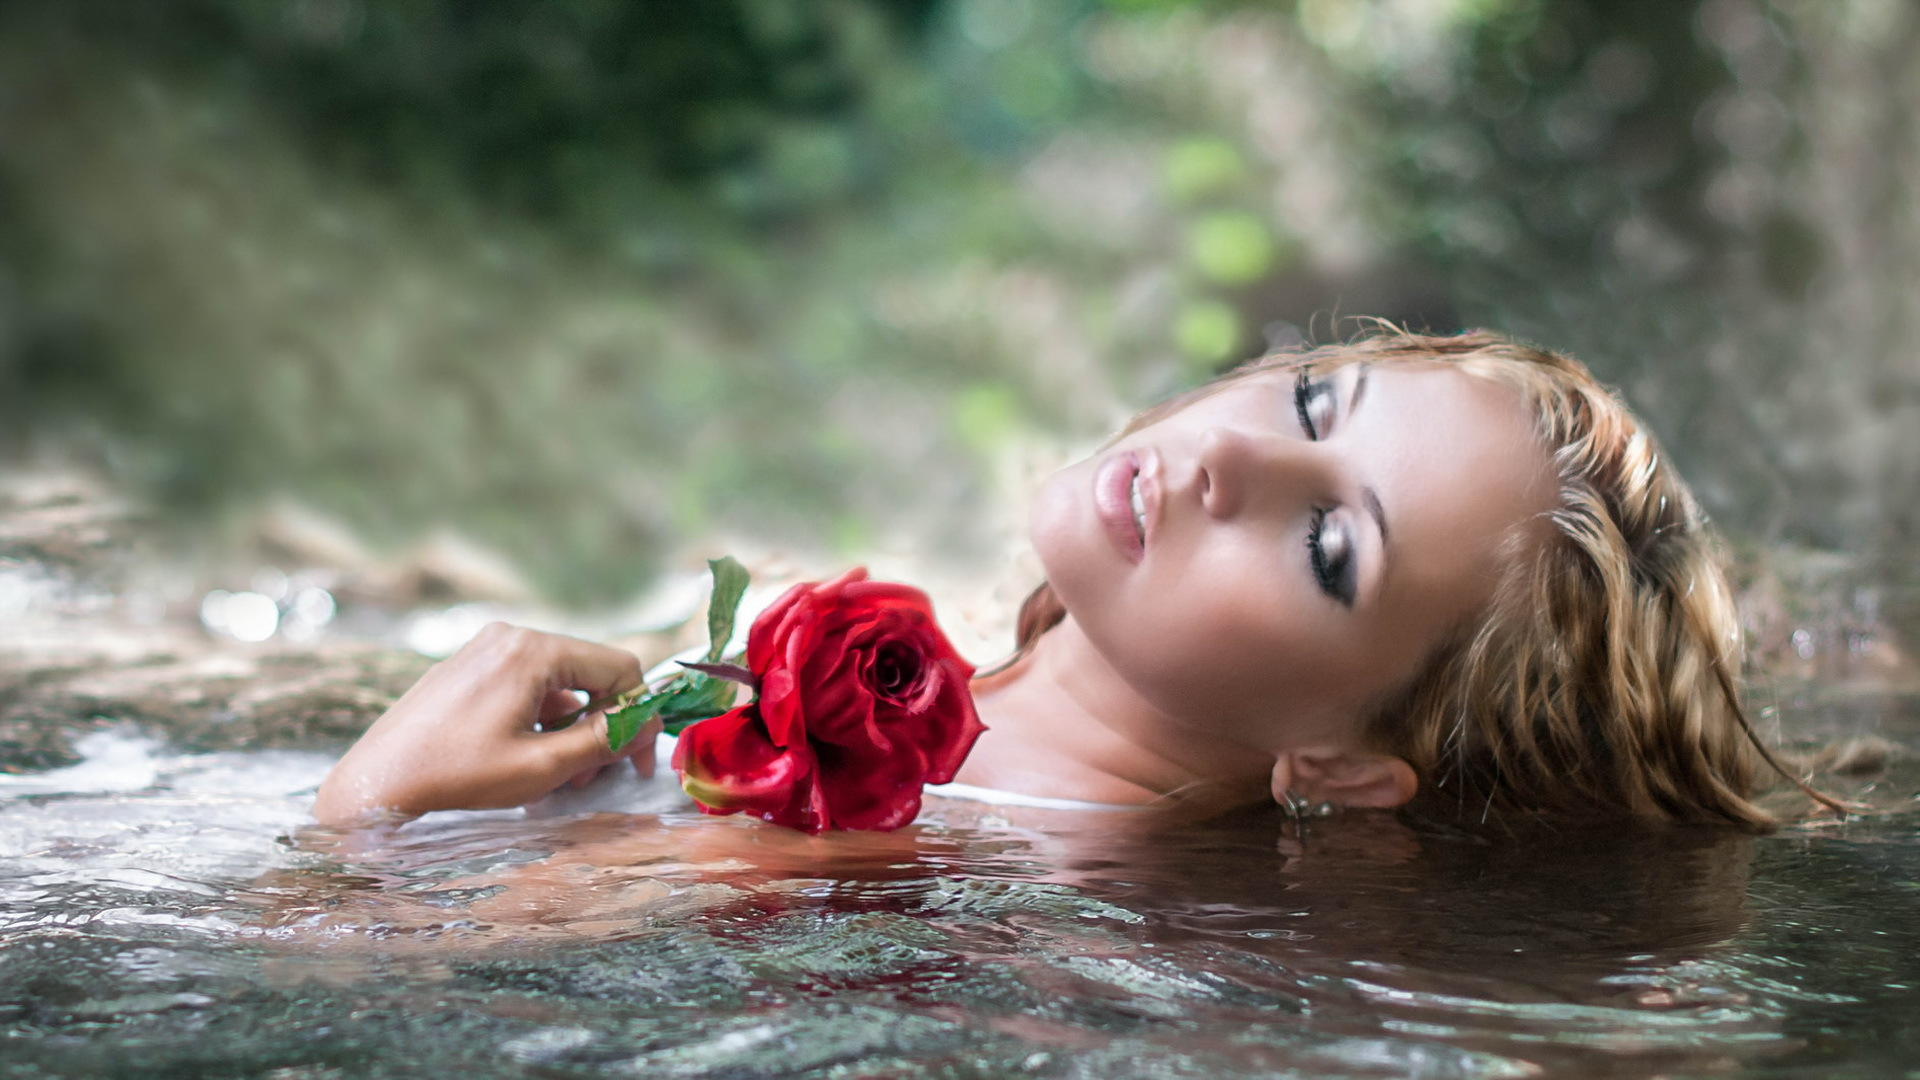 девушка блондинка цветы розы girl blonde flowers rose смотреть